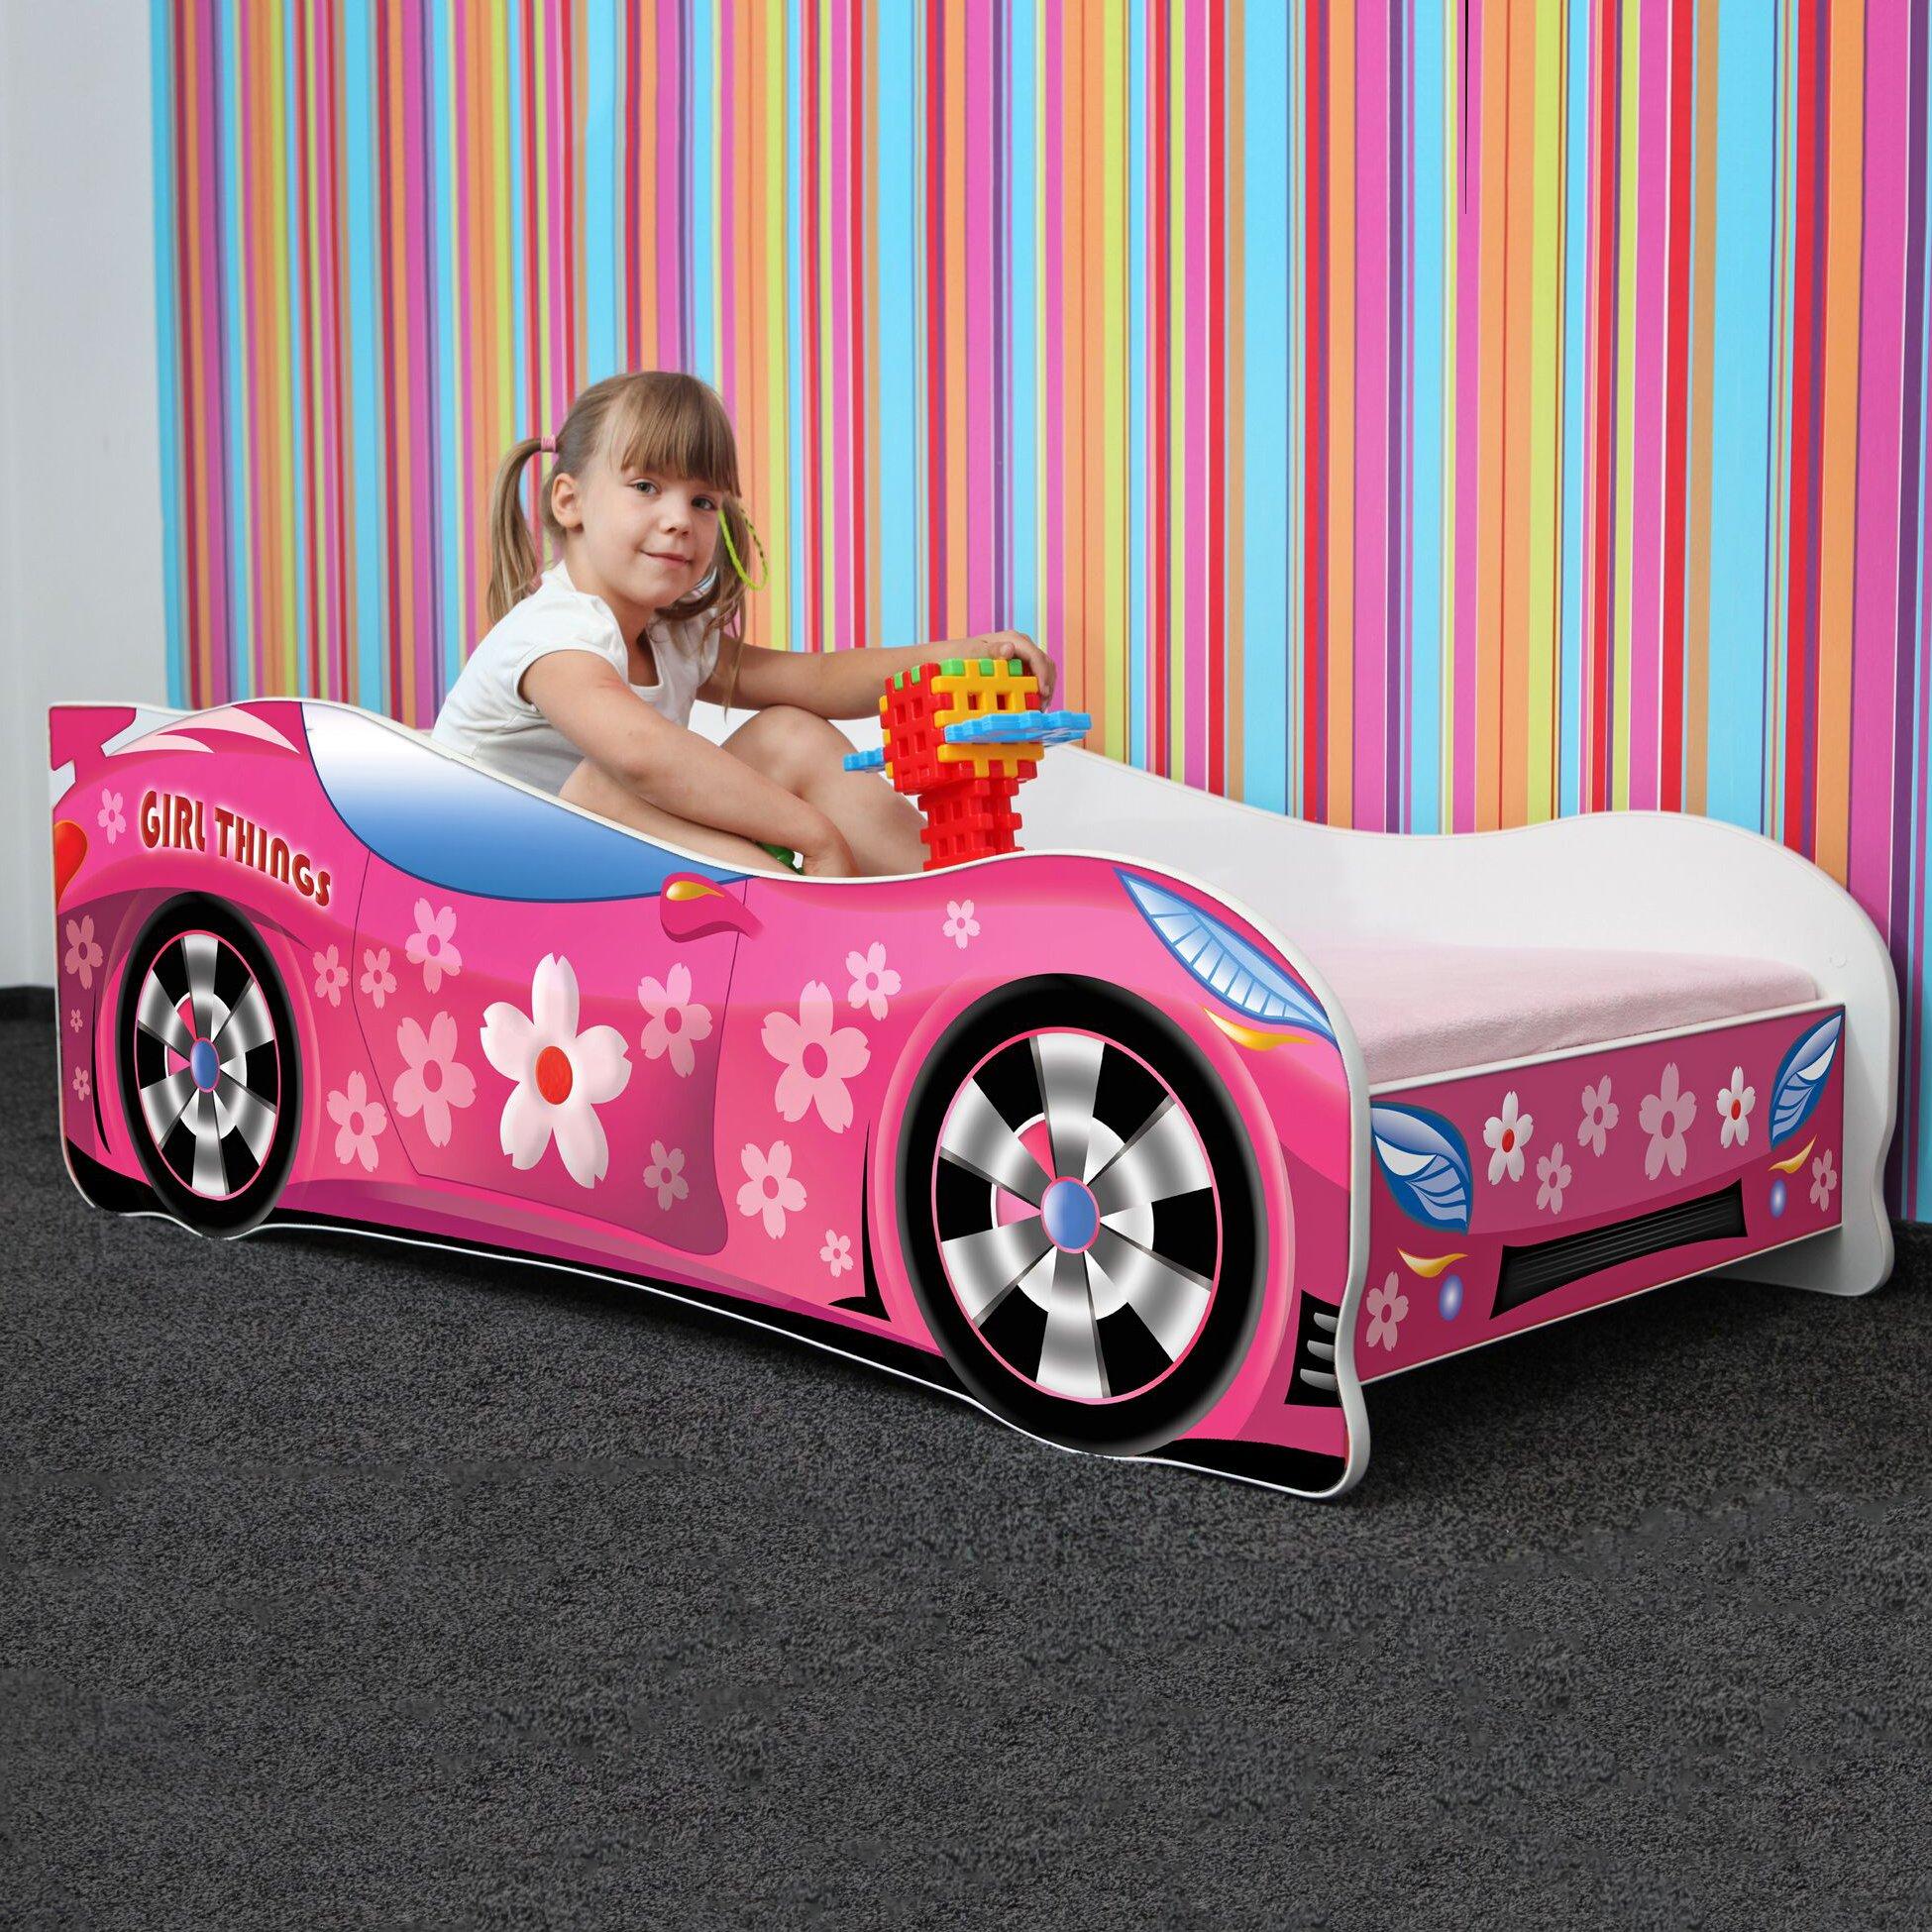 LETTO PER BAMBINI 140X70 CM 160 x 80 CM 180 X 80 CM AUTO CARS + MATERASSO CON FODERA CERTIFICATO ECO LOGO (140 x 70 cm a 5 anni, PINK GIRL THINGS) product image